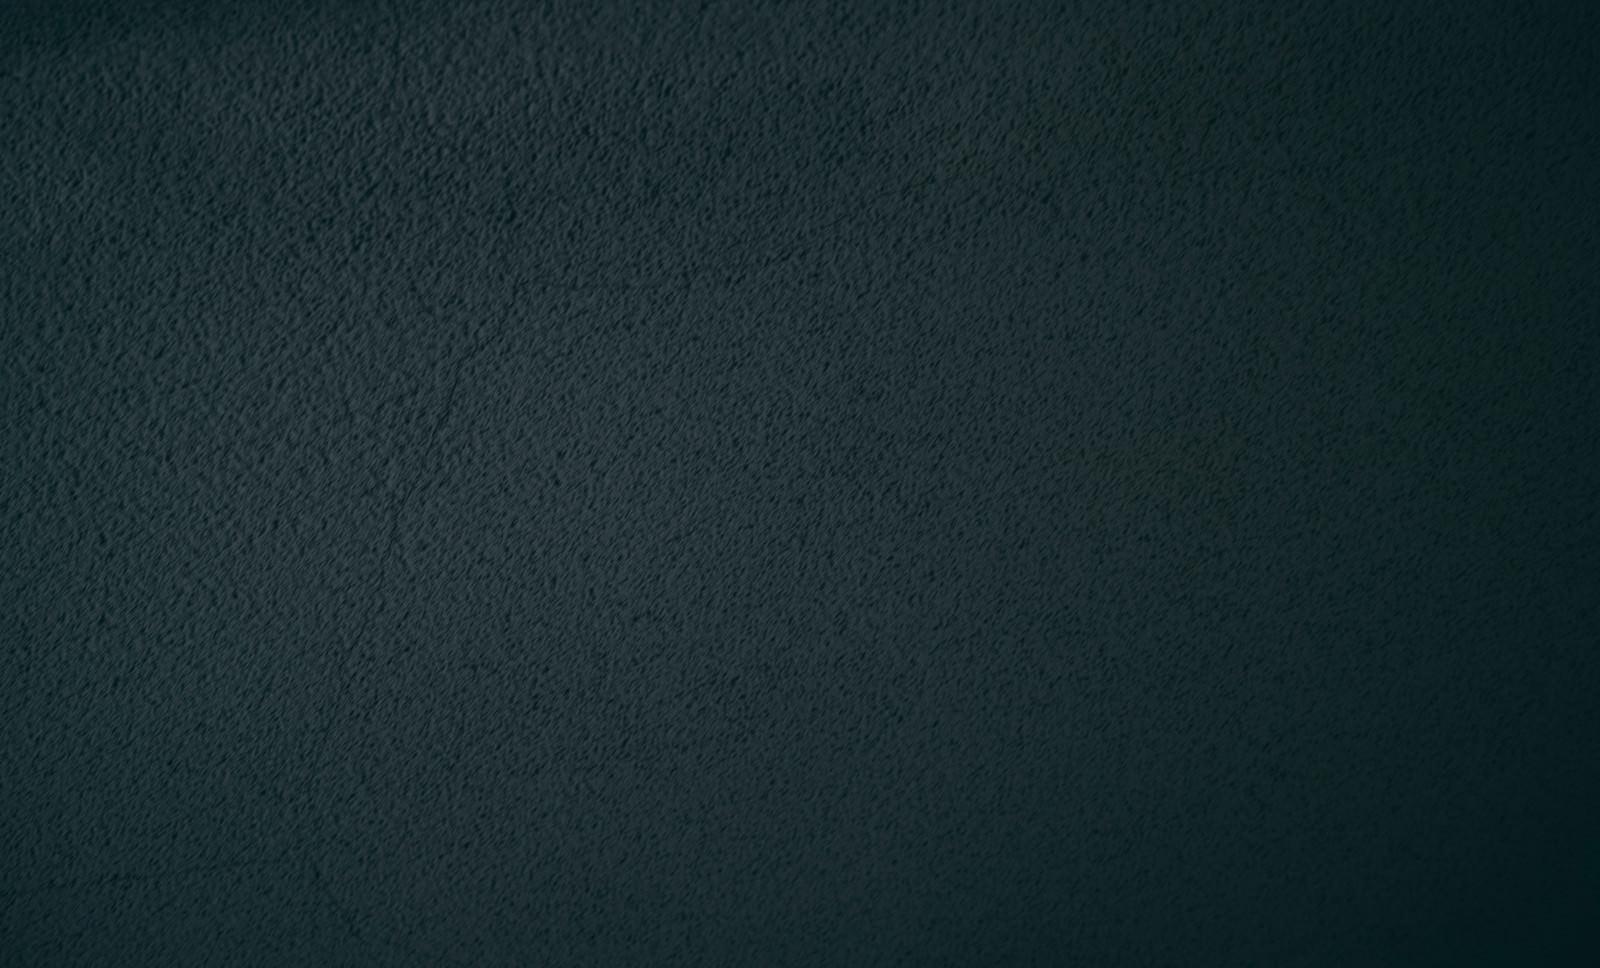 「暗闇の中の壁」の写真